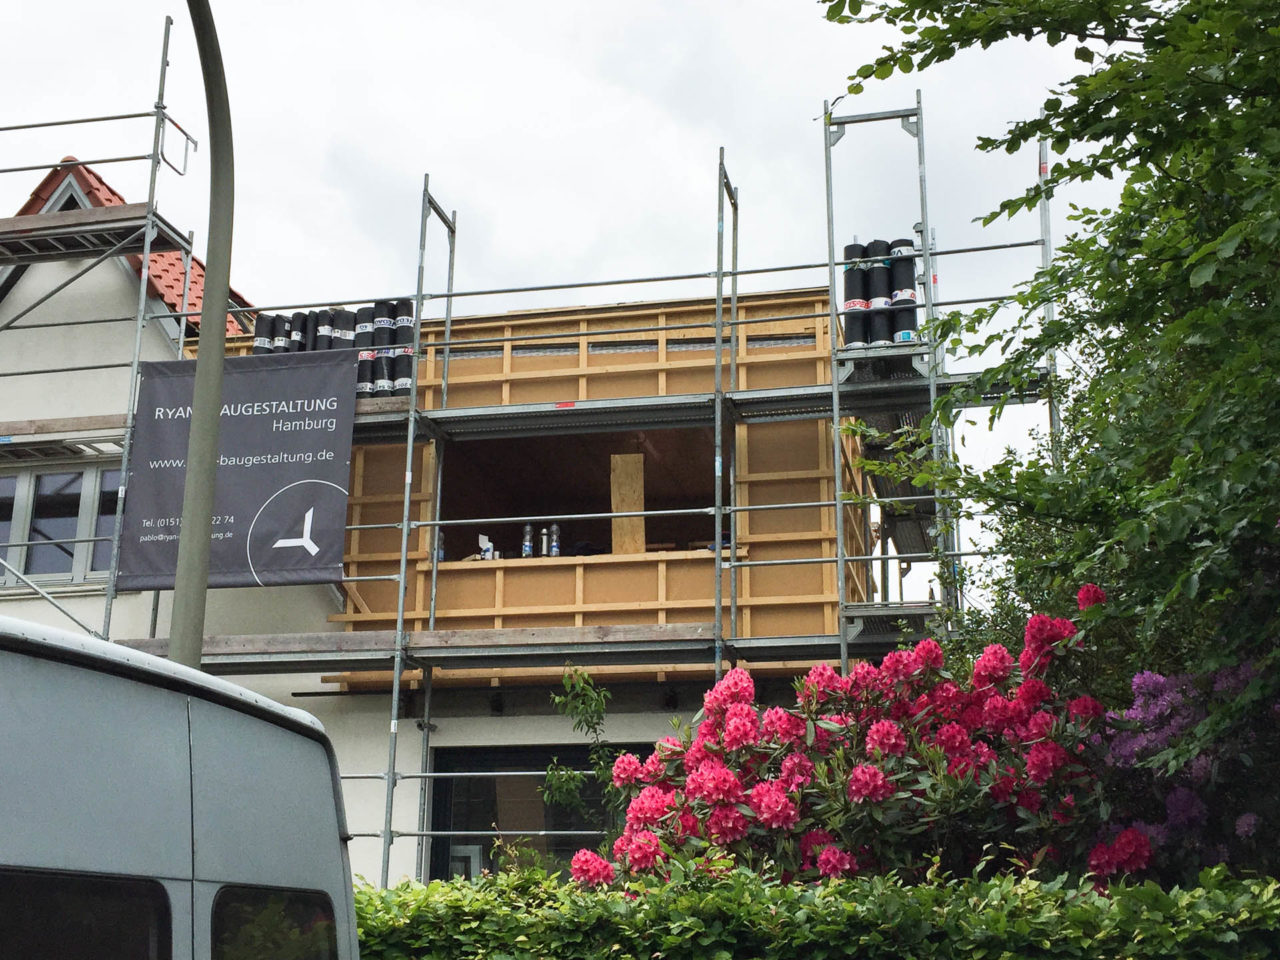 Foto von pablo baugestaltung zeigt die Bauphase vom Projekt Volksdorf Hamburg mit Baugeruest